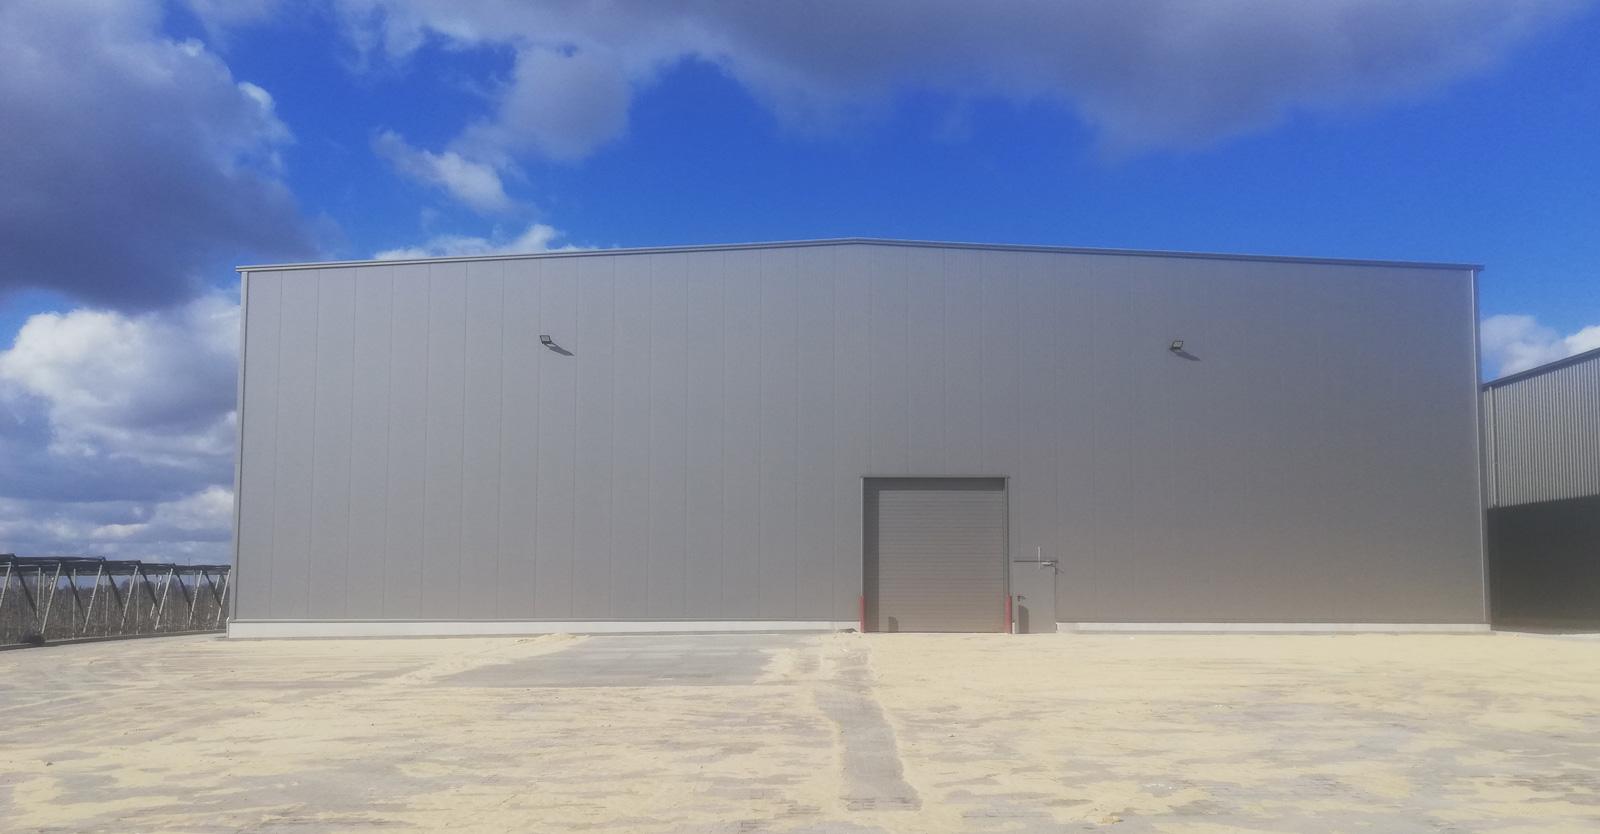 hala z zamontowaną obudową - piąta sortownia owoców, dla Witamina, budowa w Białej Rządowej, w woj. łódzkim, branża owocowa